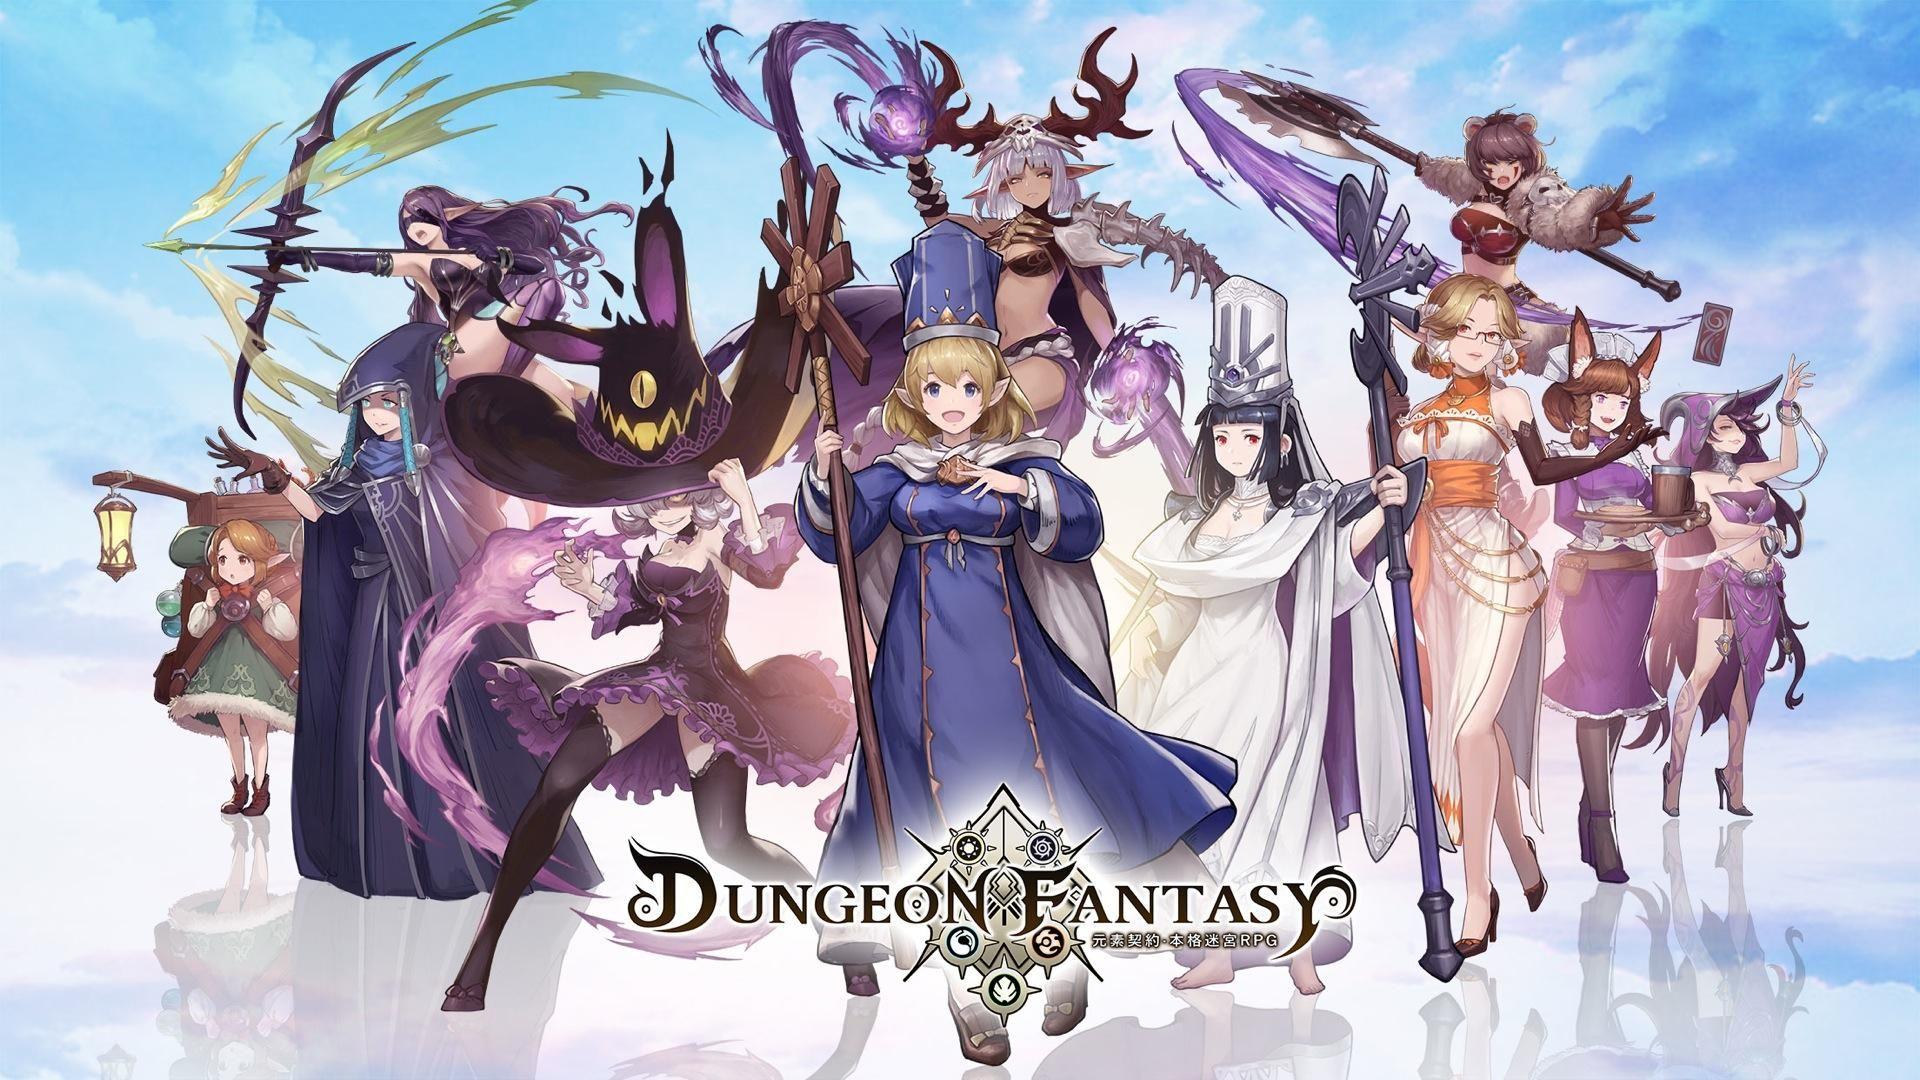 元素契约 - 超人気RPG×迷宫冒险物语 游戏截图1